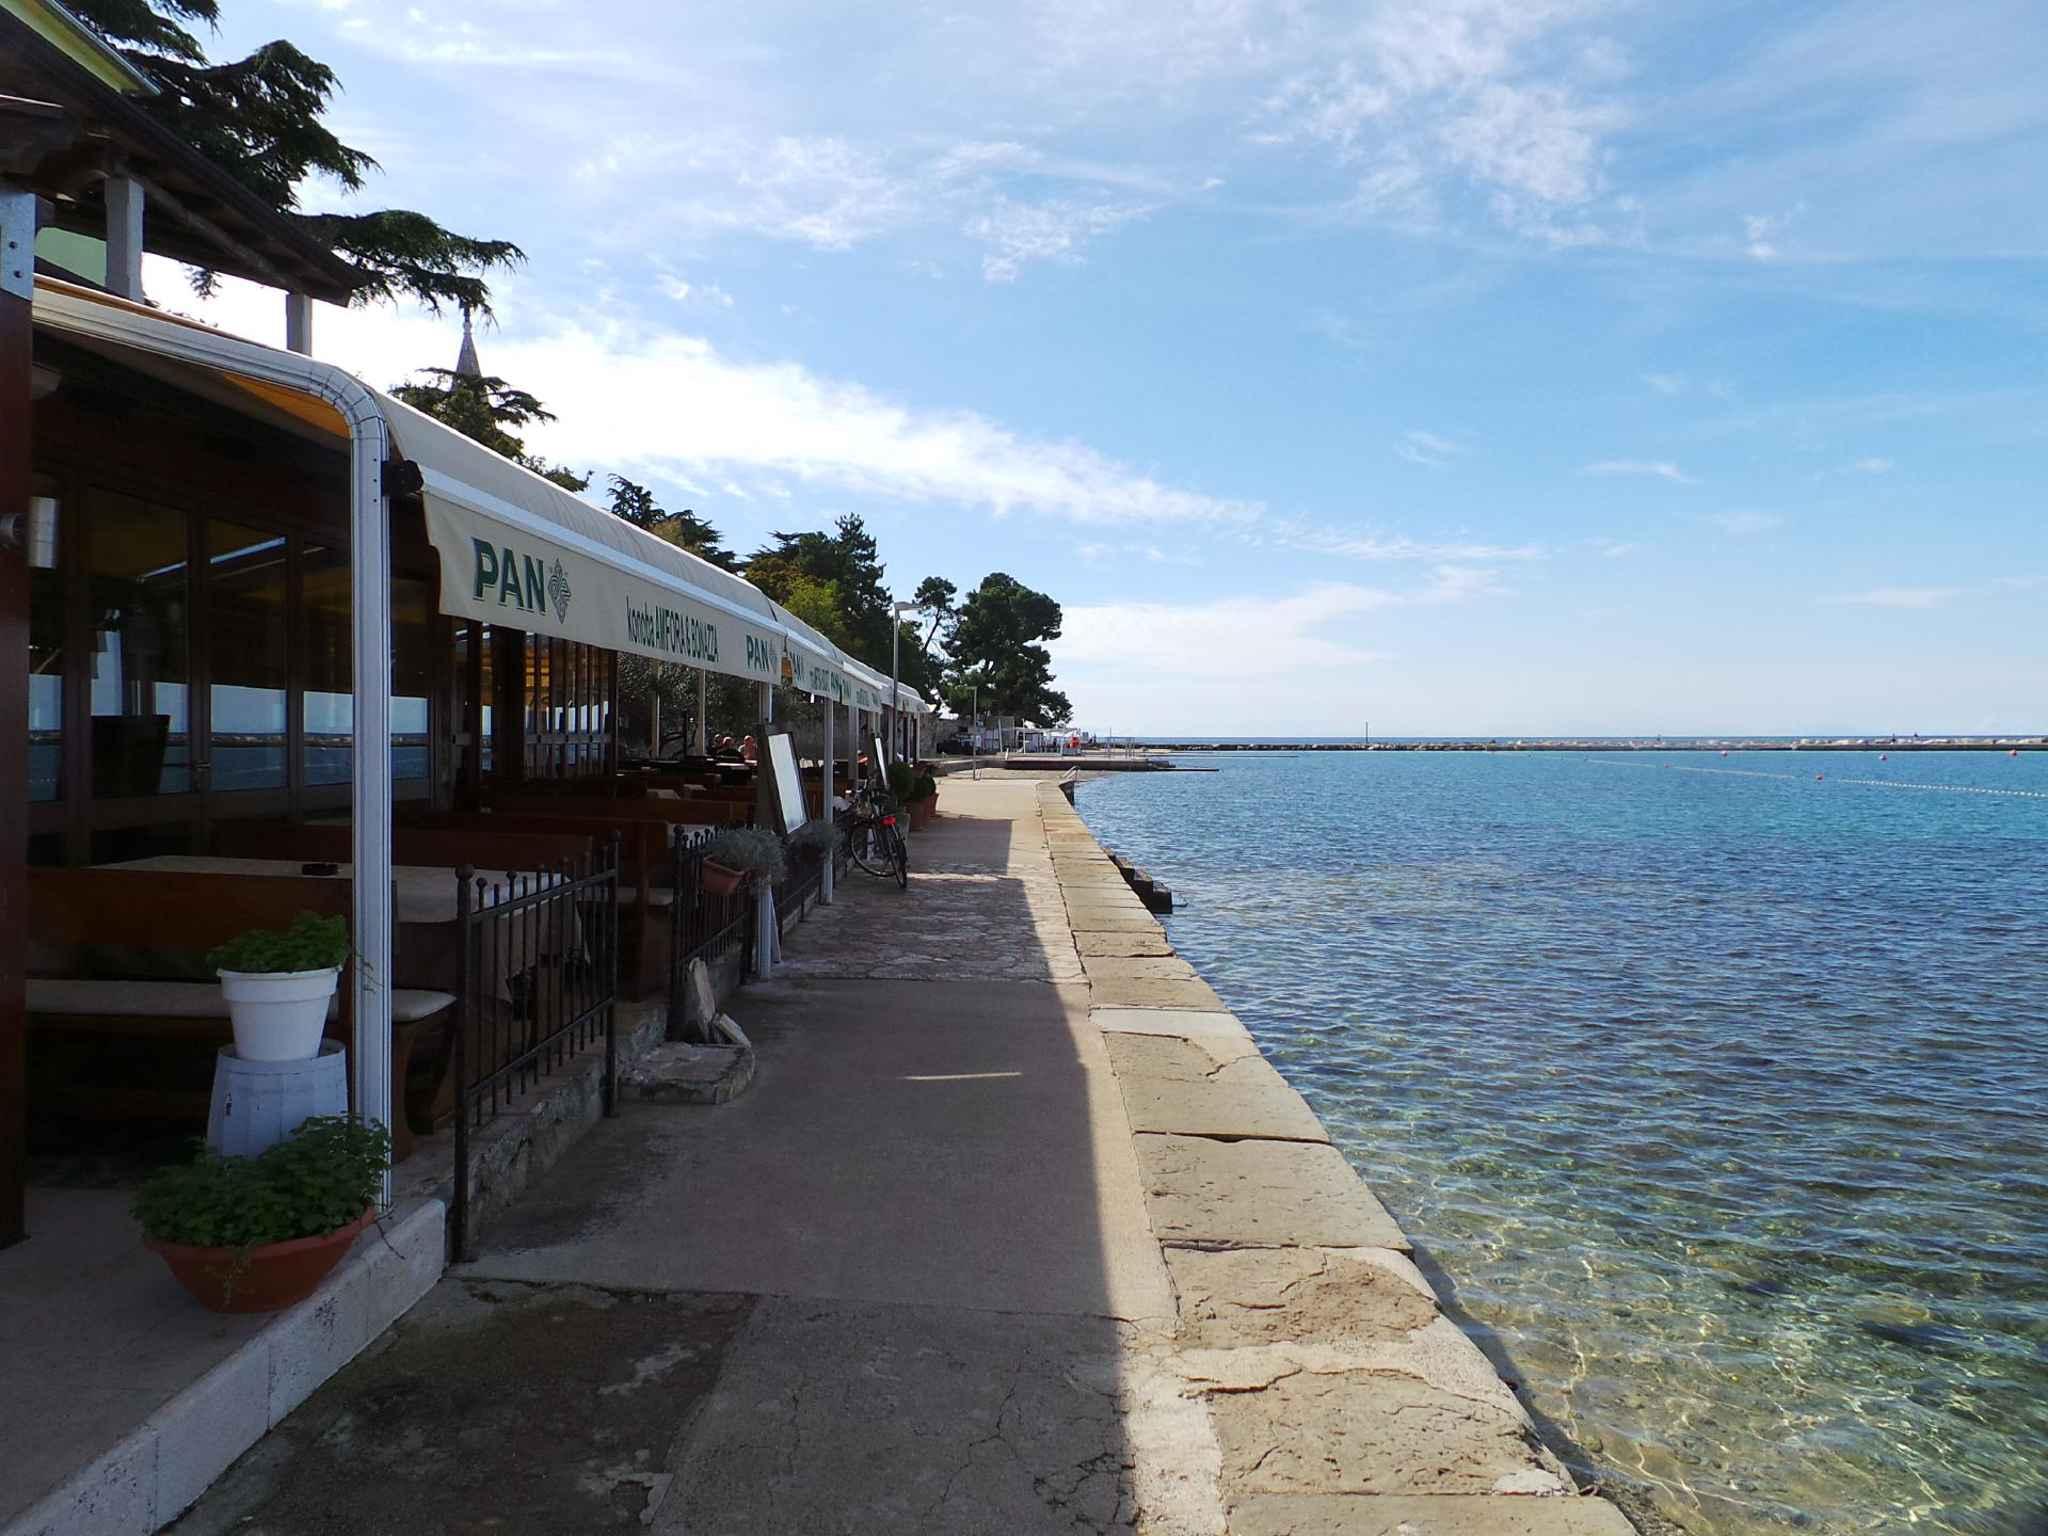 Ferienwohnung mit Meerblick (278910), Zadar, , Dalmatien, Kroatien, Bild 37